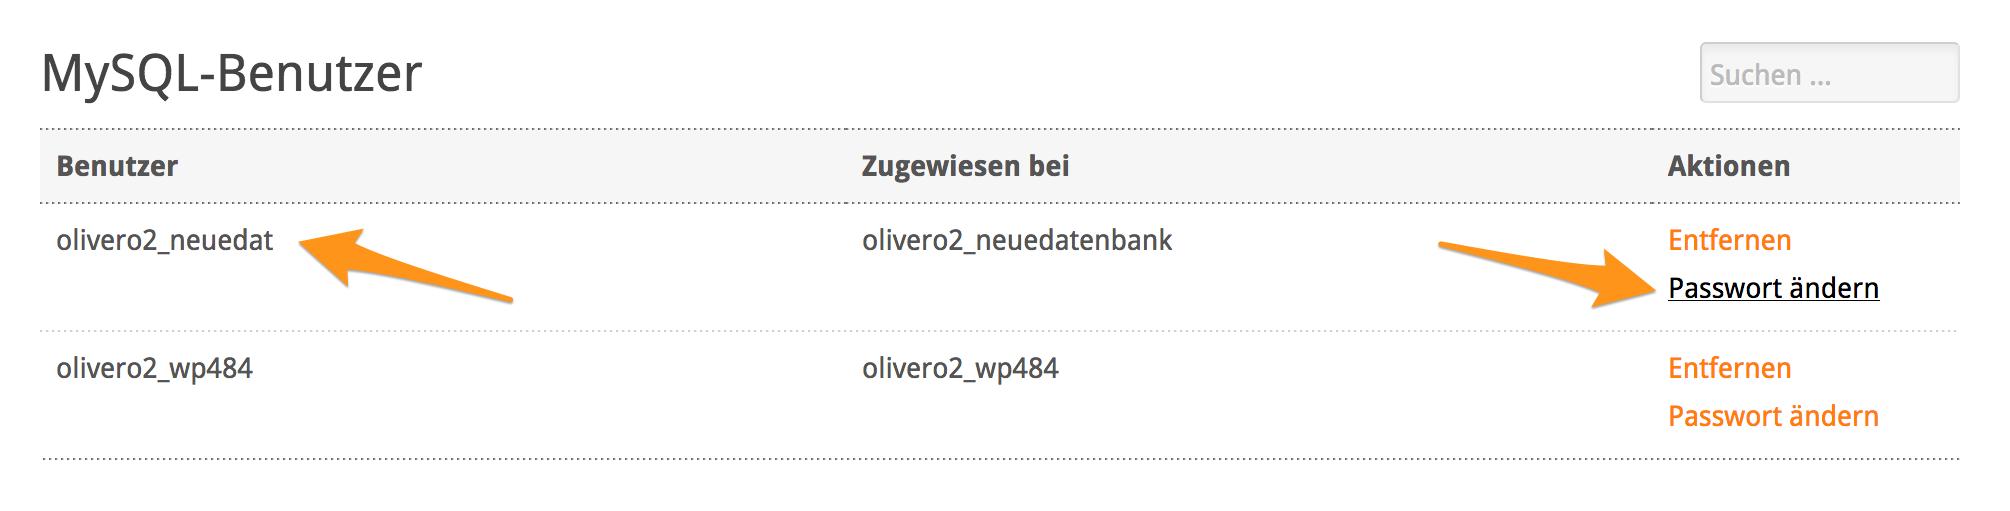 Passwort von Datenbank-Benutzer ändern